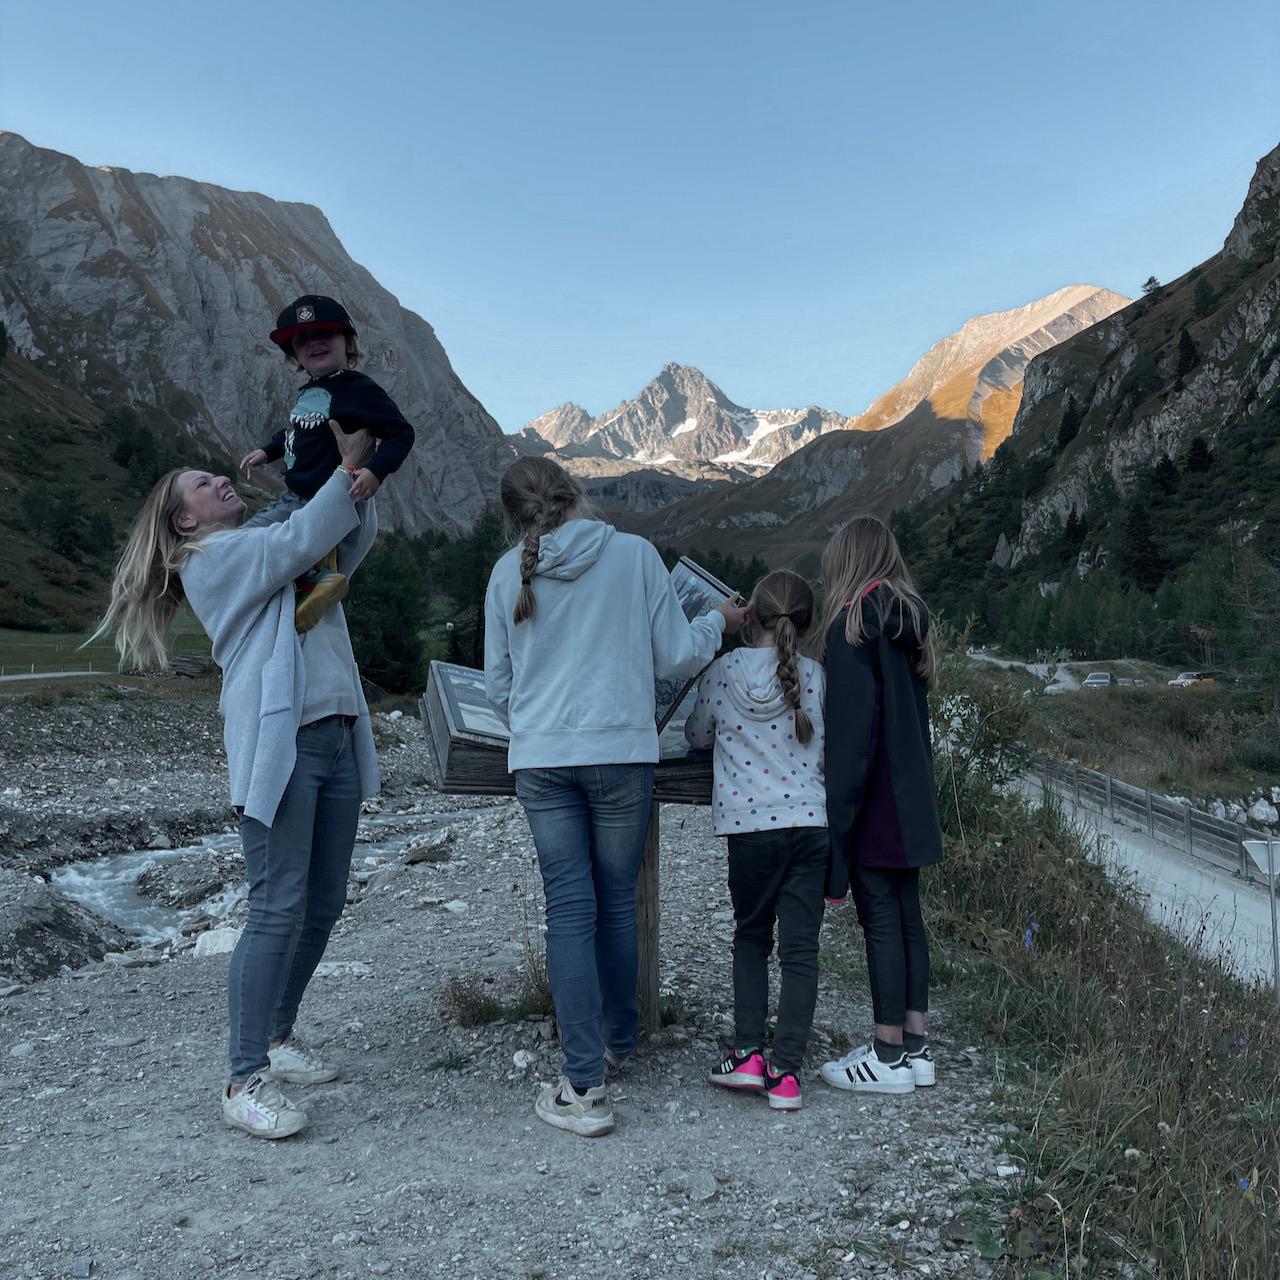 Familienurlaub in Osttirol - Verena mit den vier Kindern